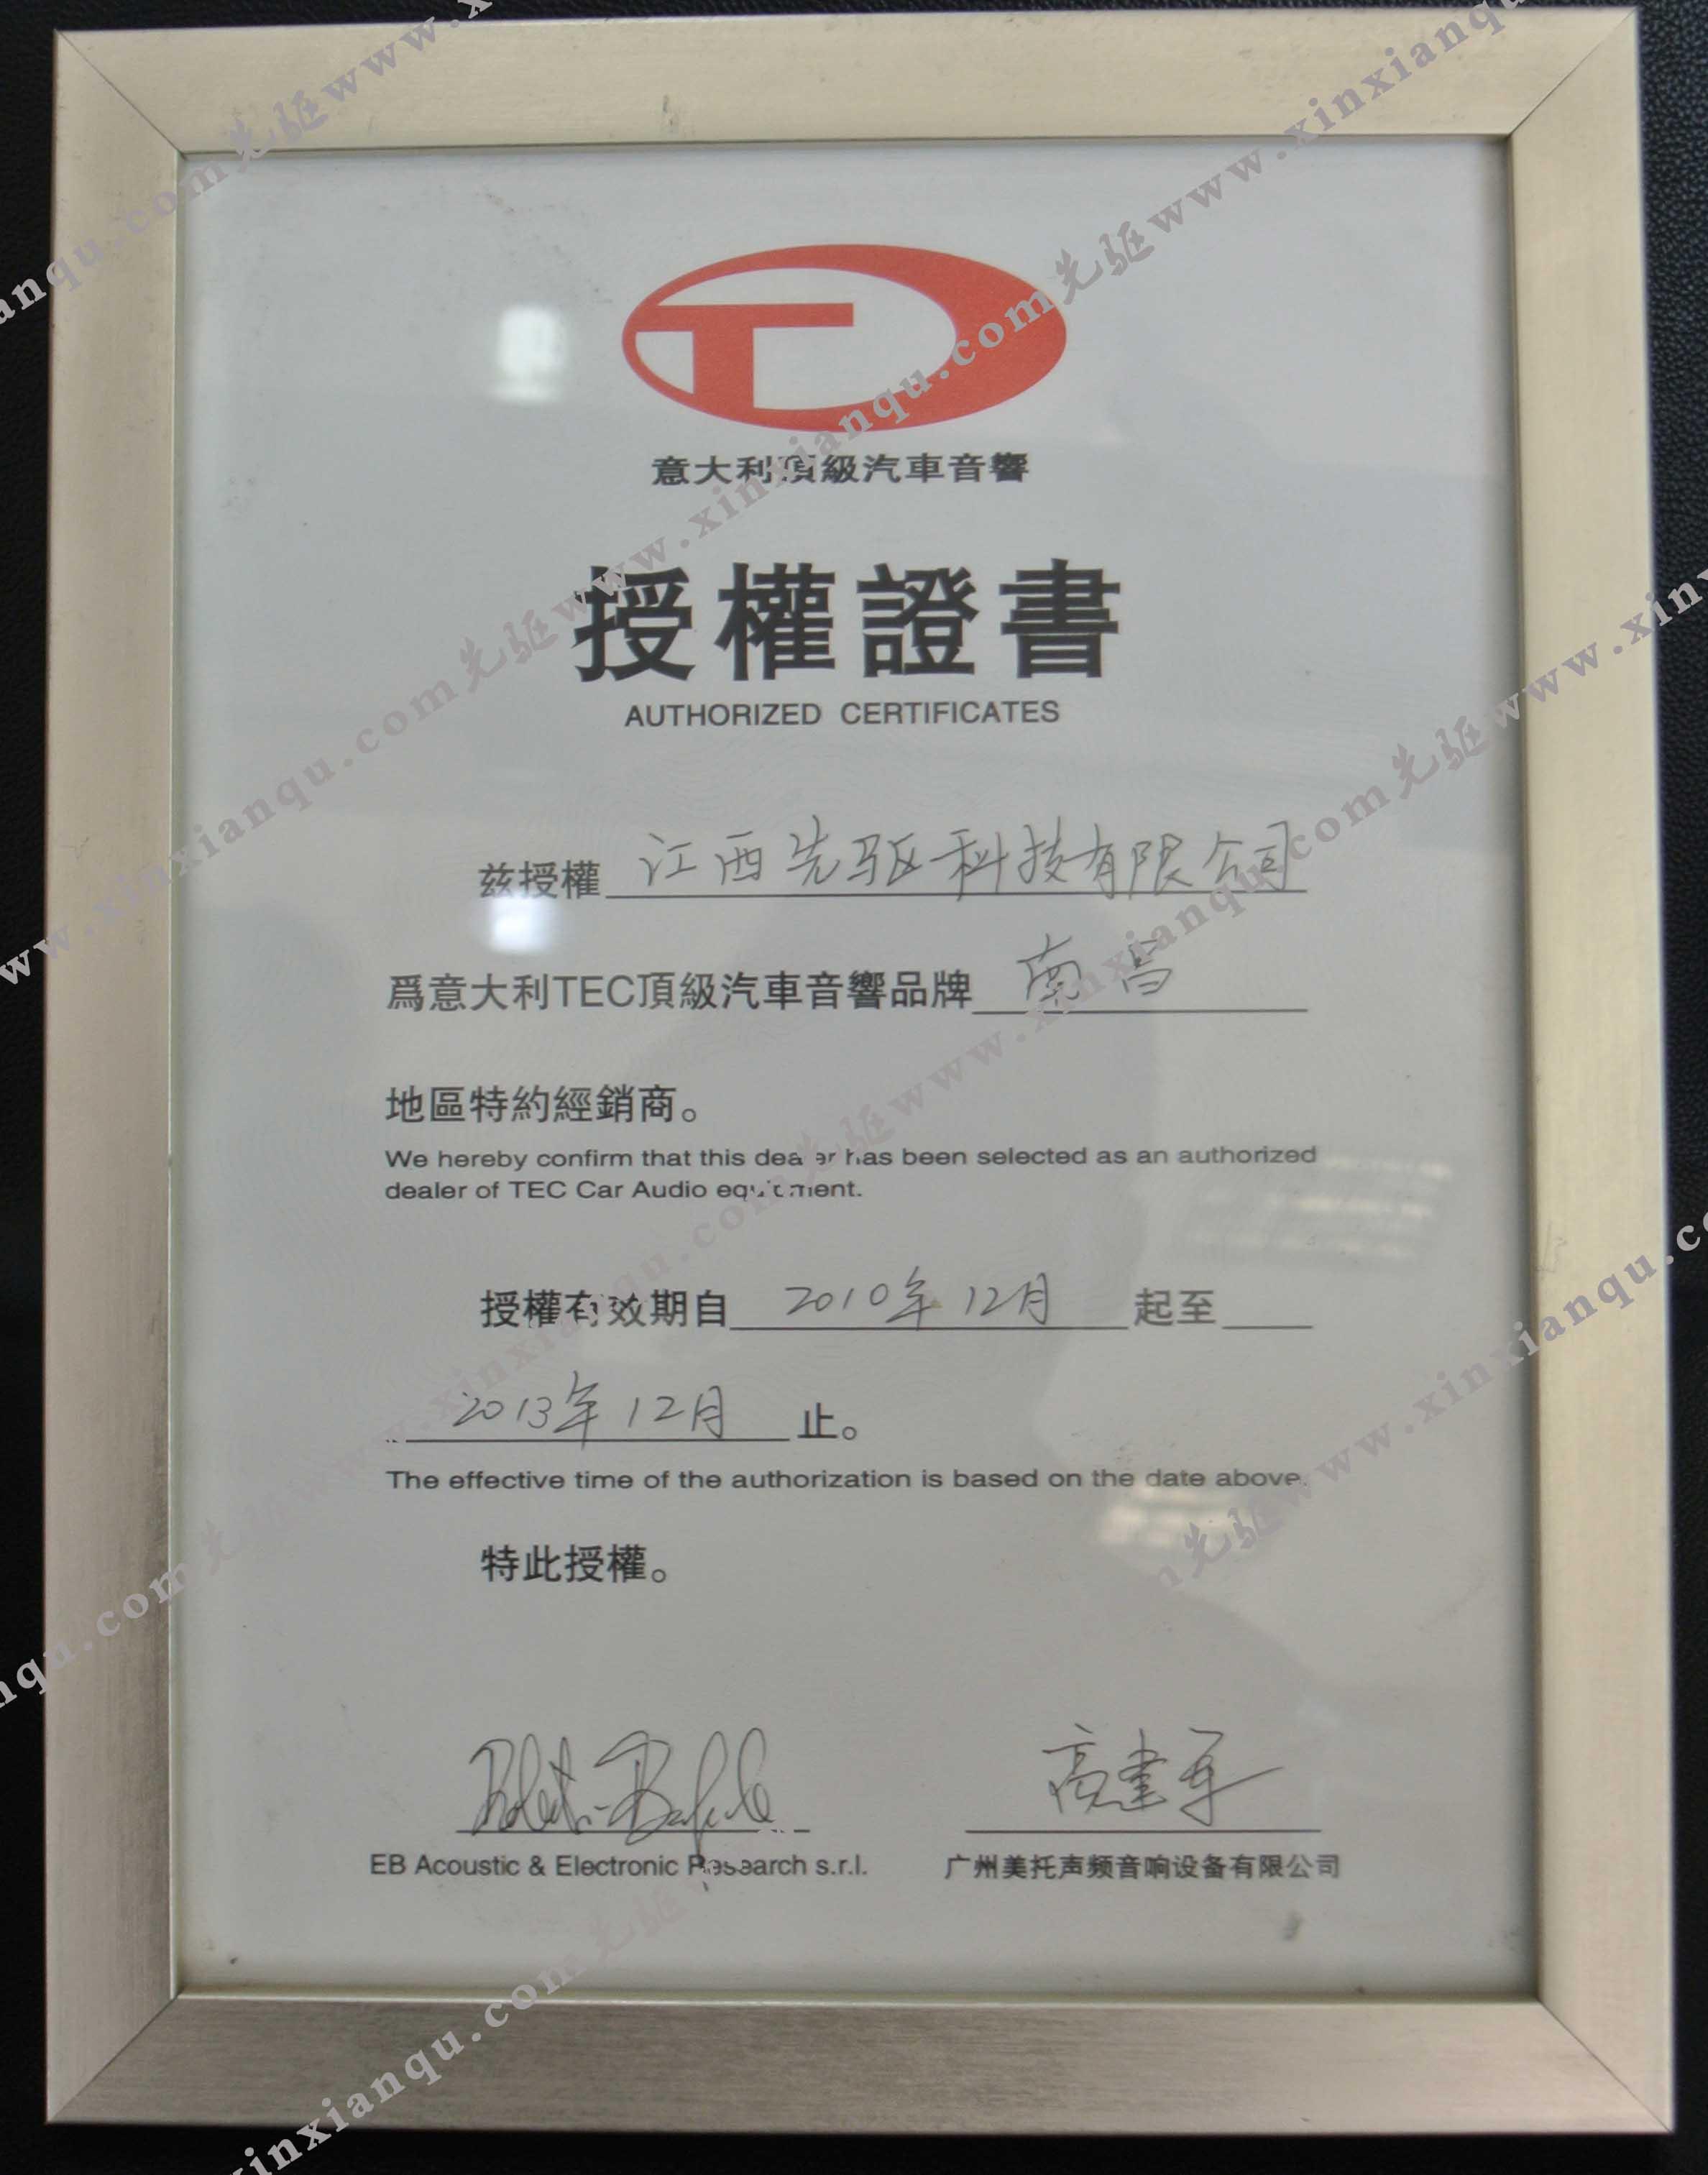 意大利TEC顶级汽车音响授权证书